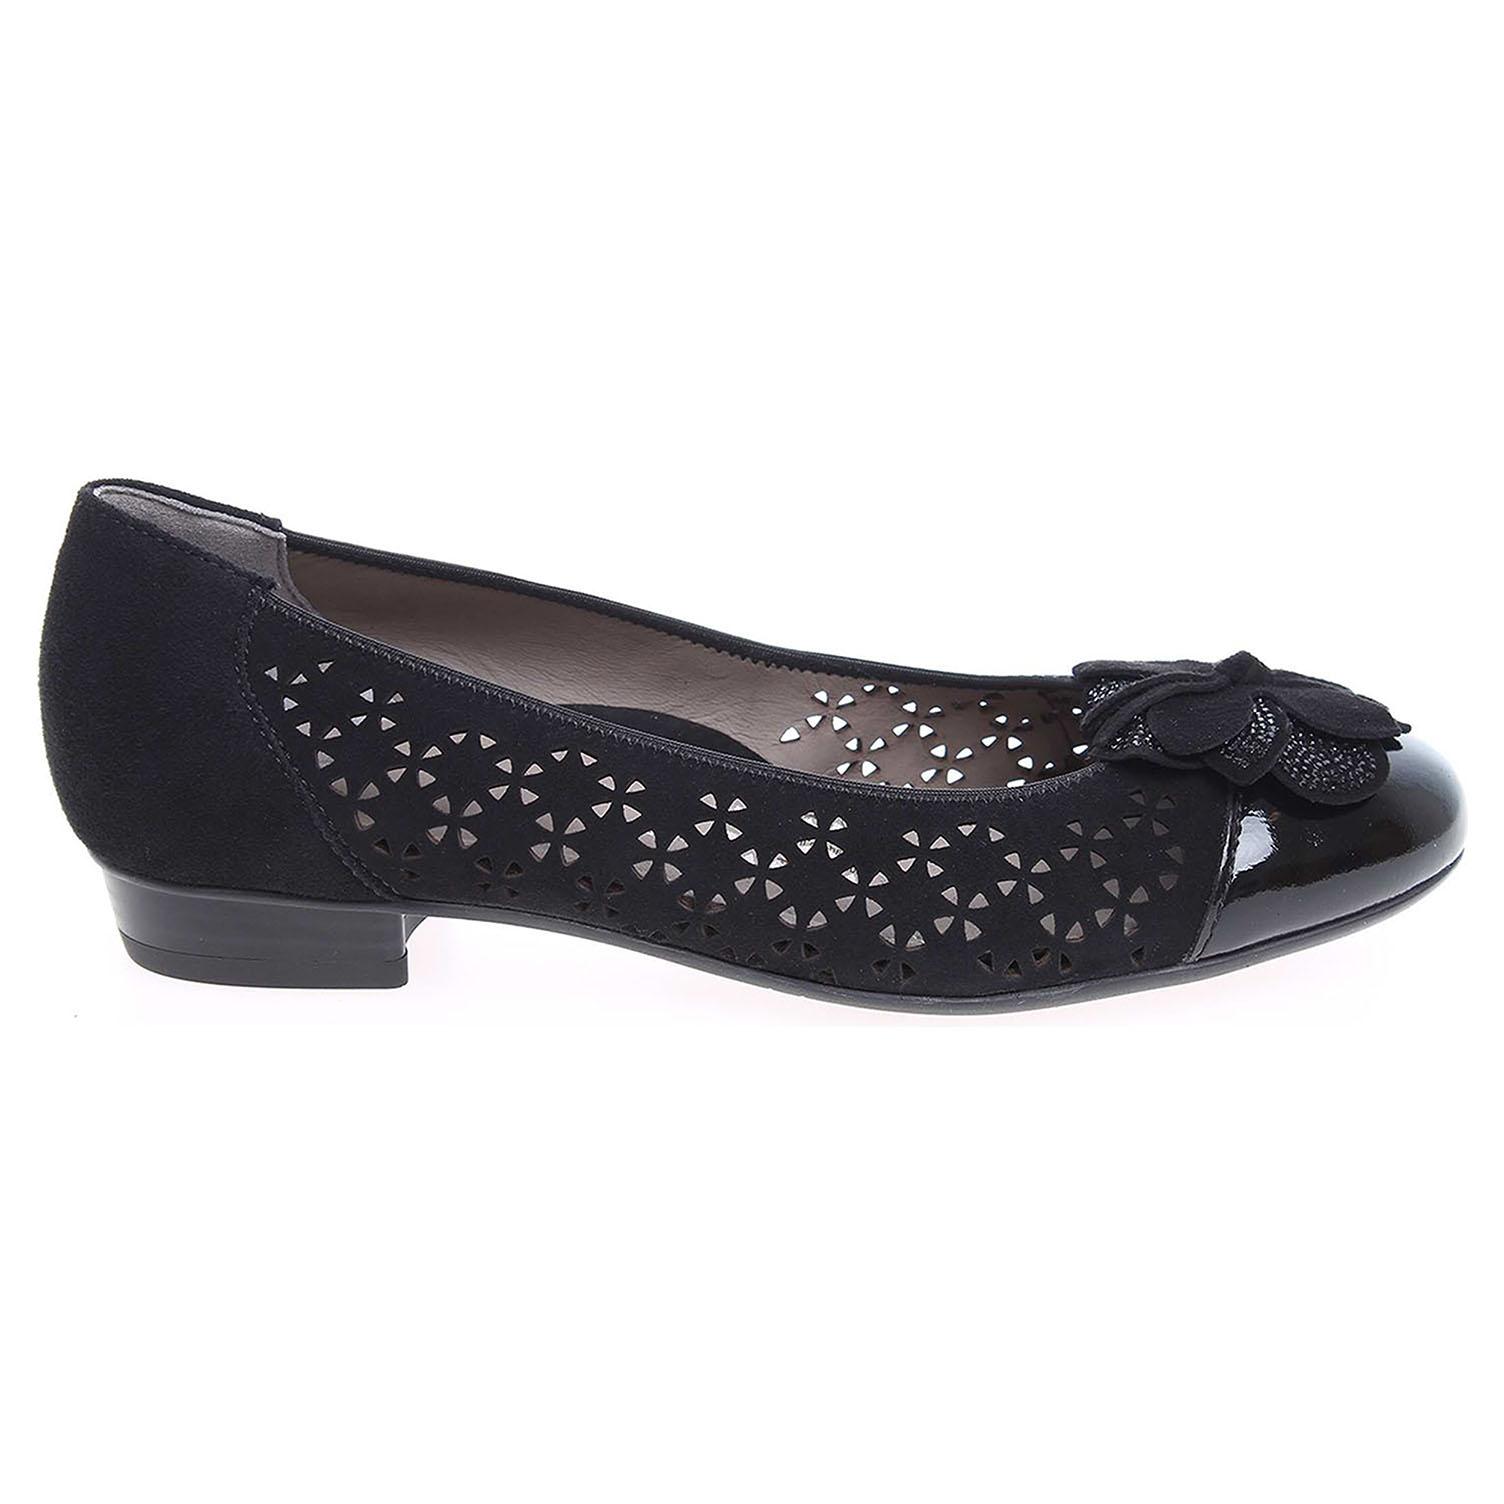 Ecco Ara dámské baleriny 33762-01 černé 23300810